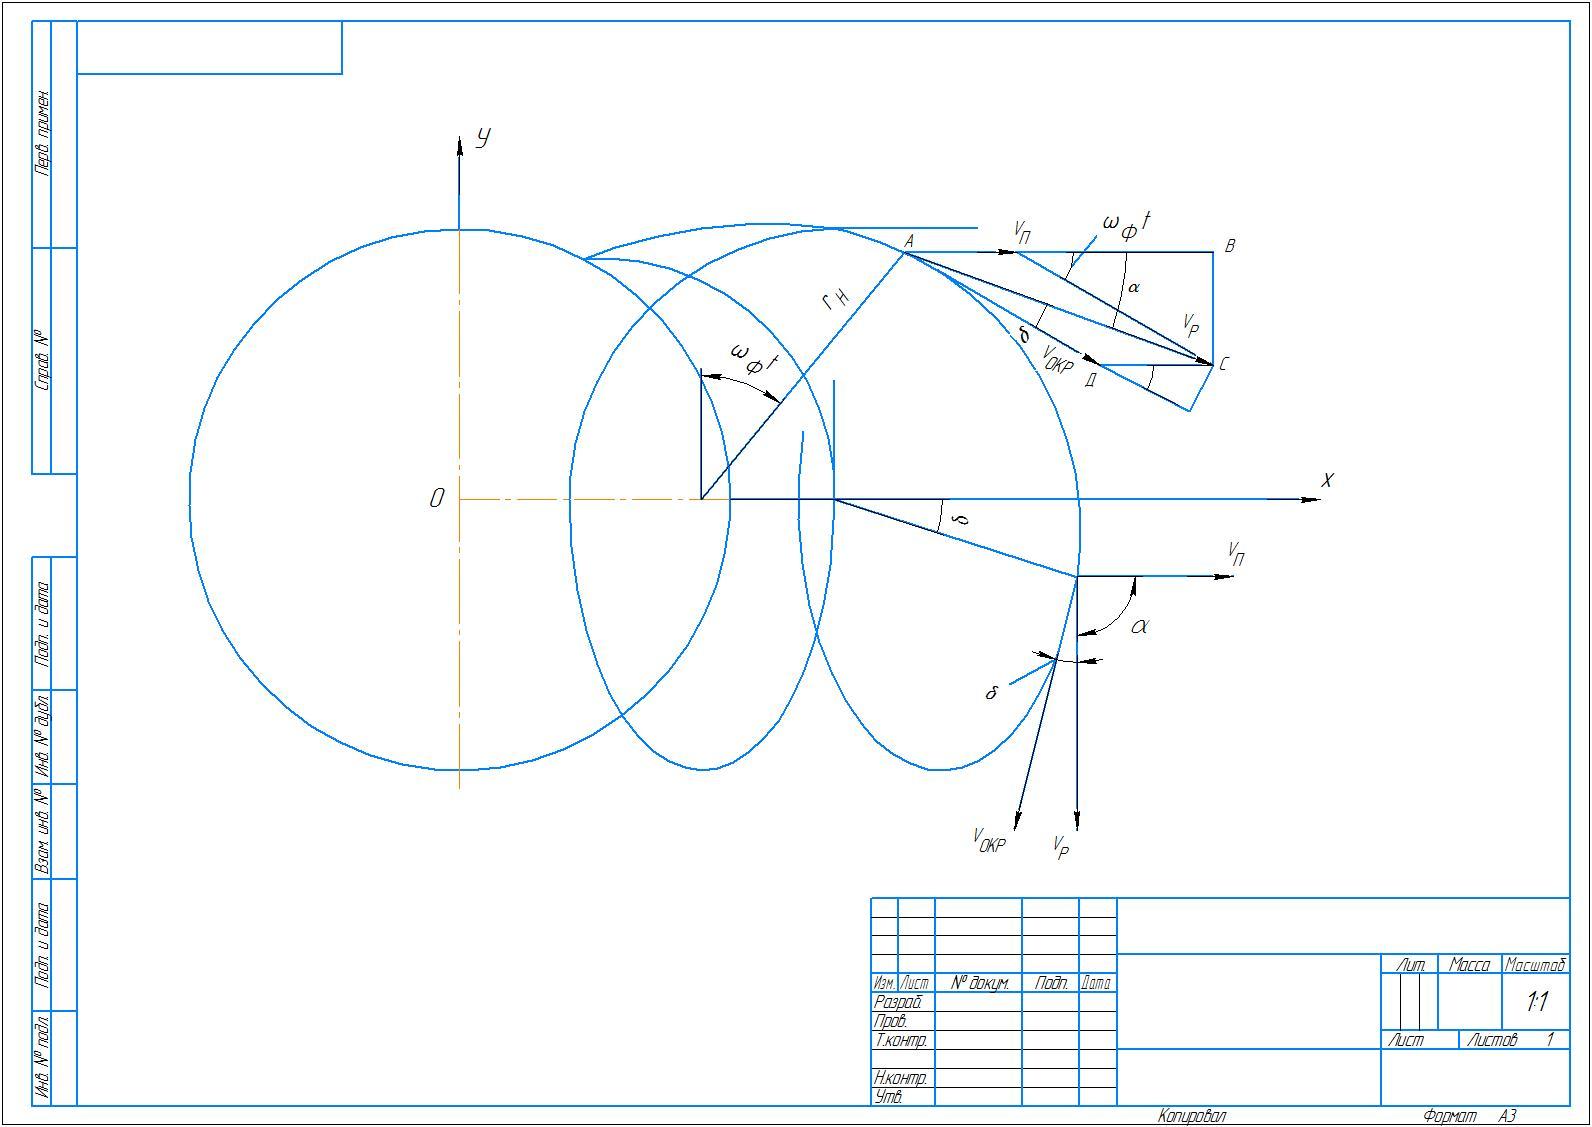 F:\чертеж\Чертеж схема 26666.jpg